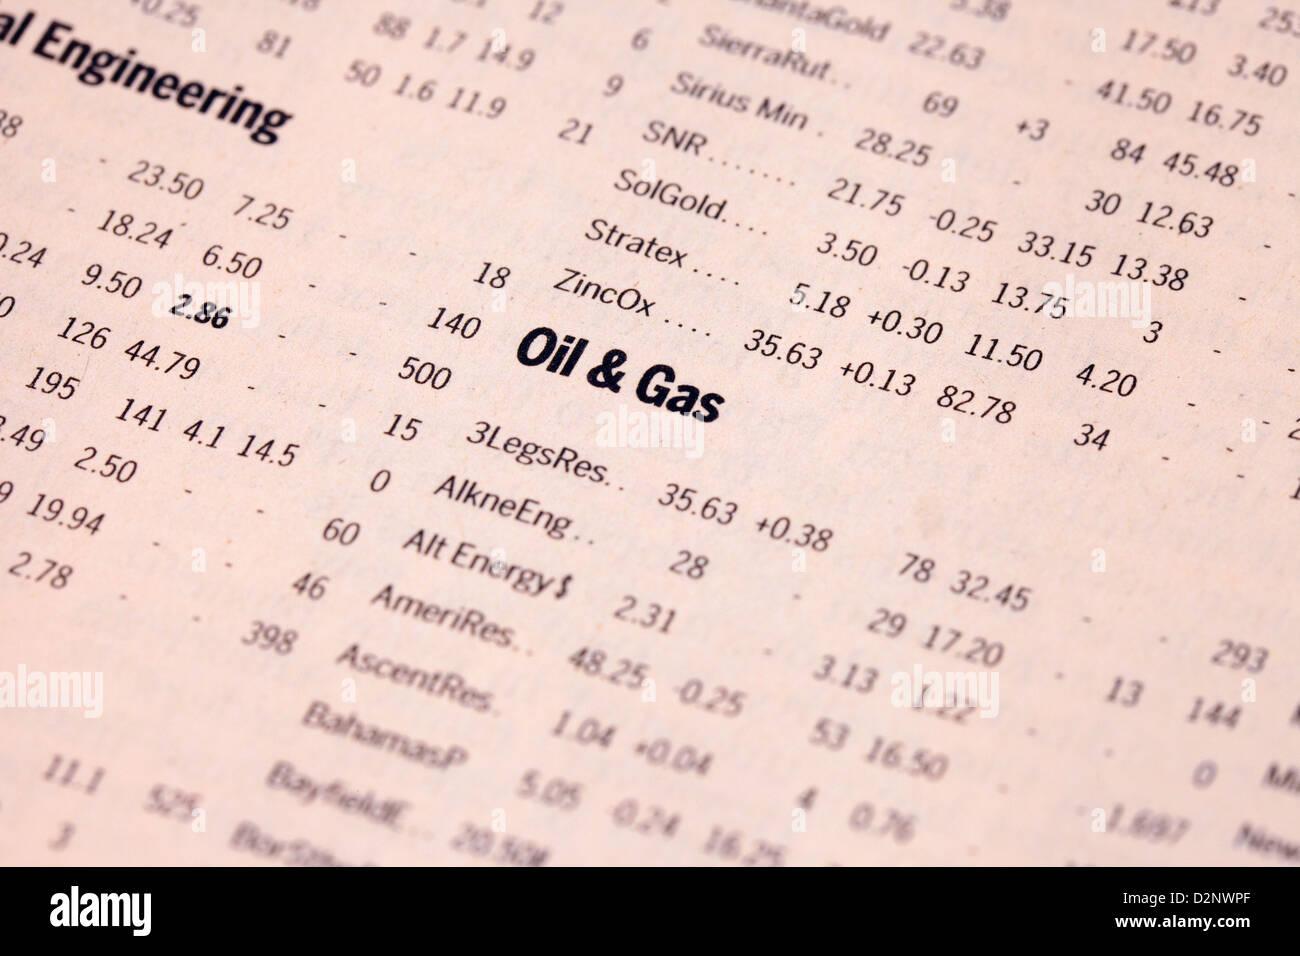 Öl und Gas Aktien Preise in der Financial Times Zeitung, UK Stockbild